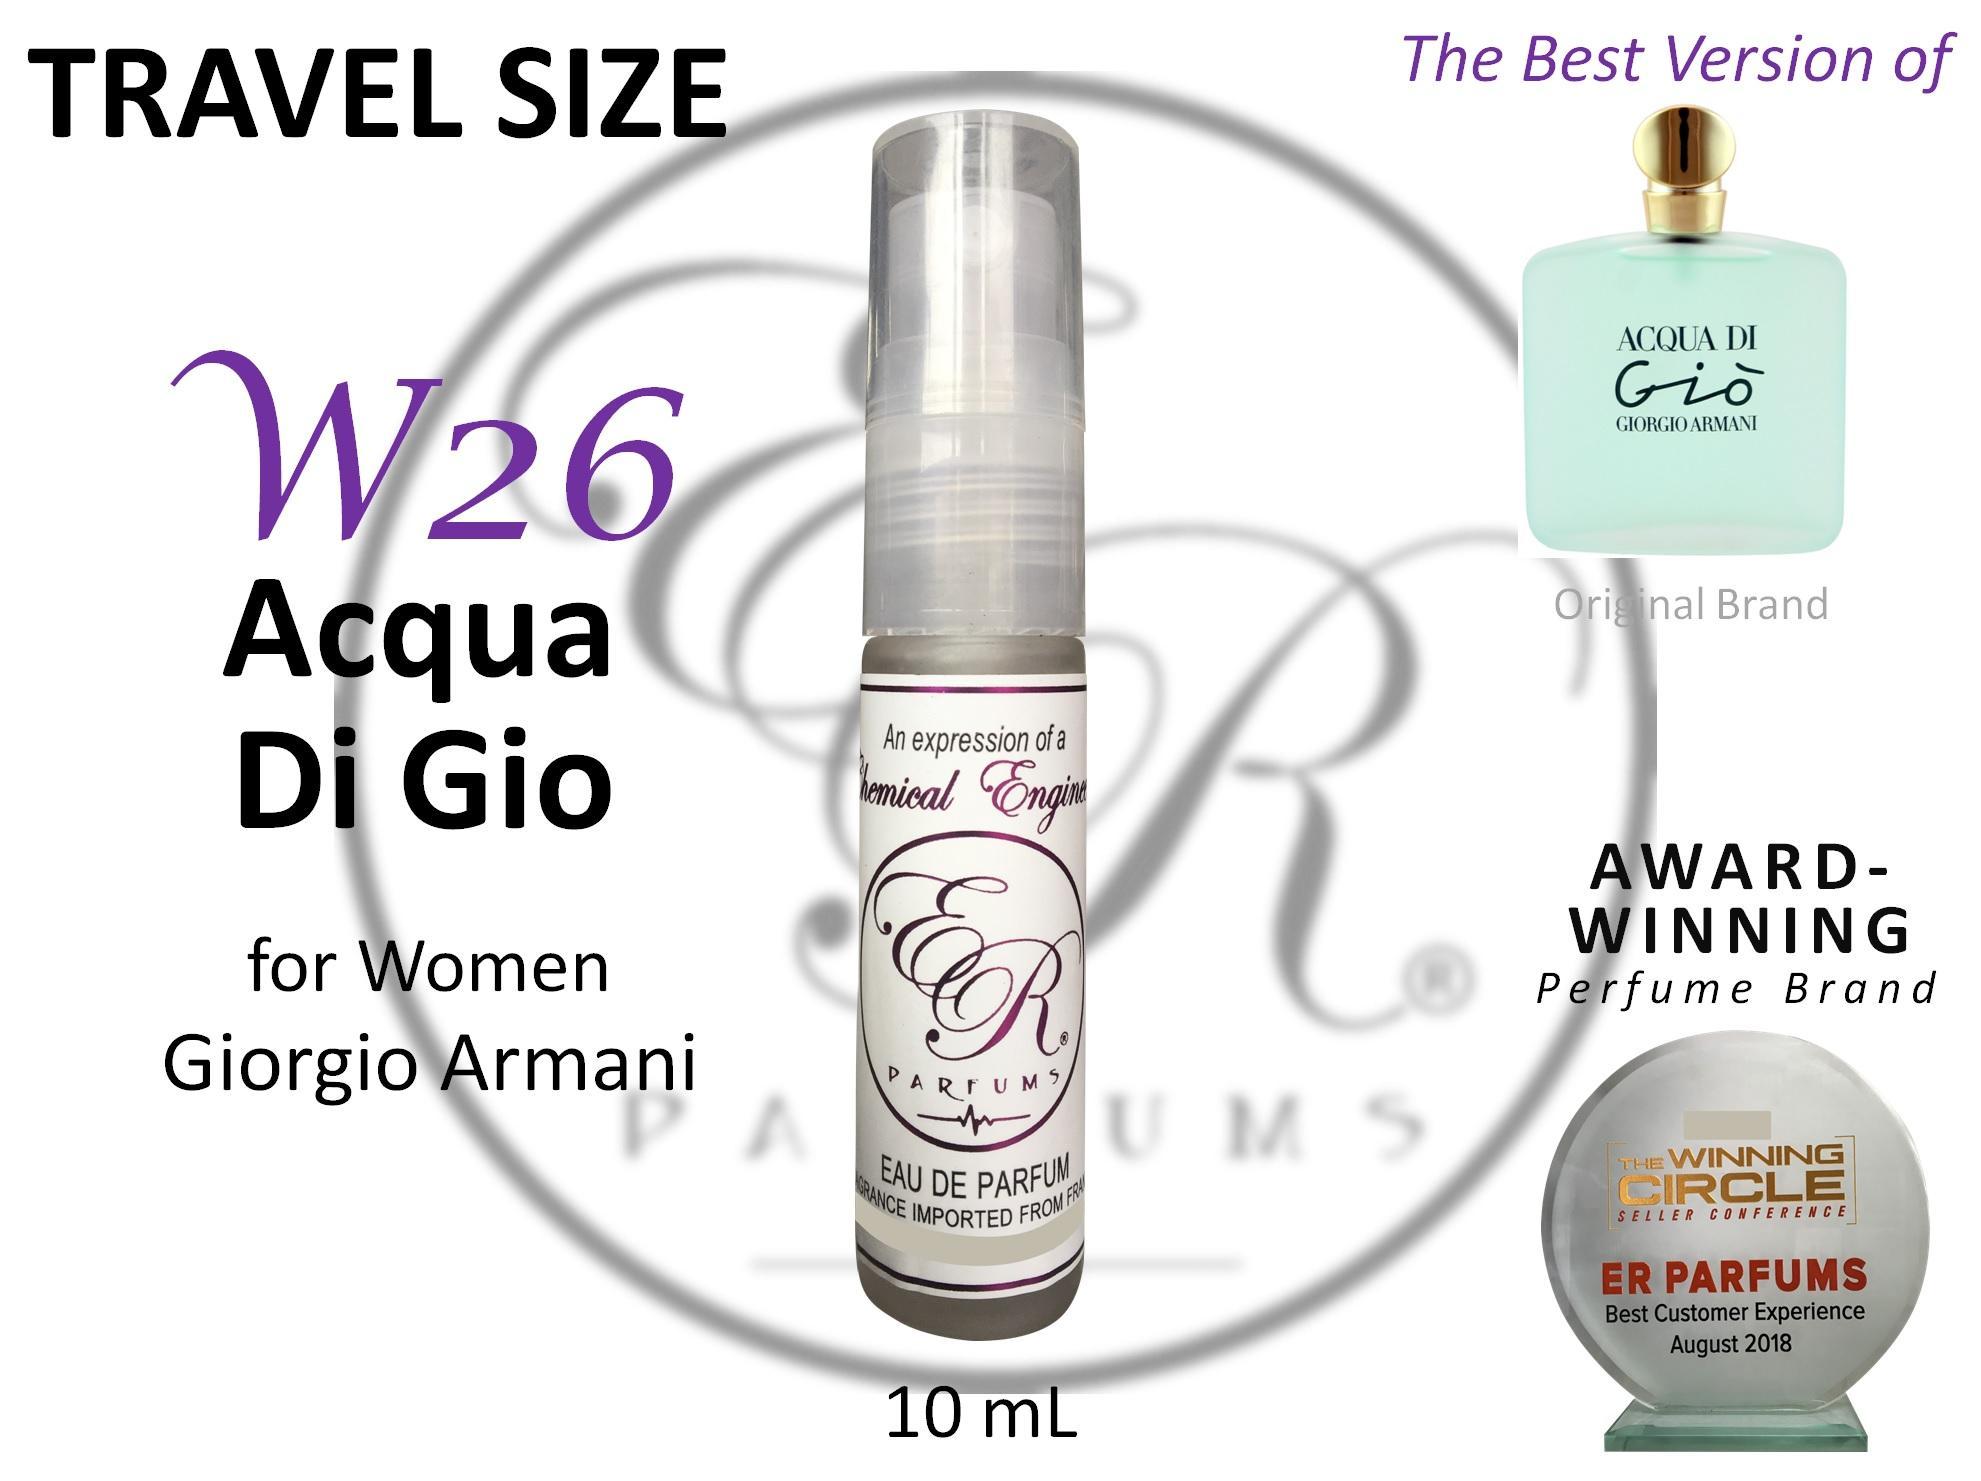 dca3ee97a8 ER PARFUMS W26 Acqua Di Gio for Women by Giorgio Armani 1 piece 10 ml TRAVEL